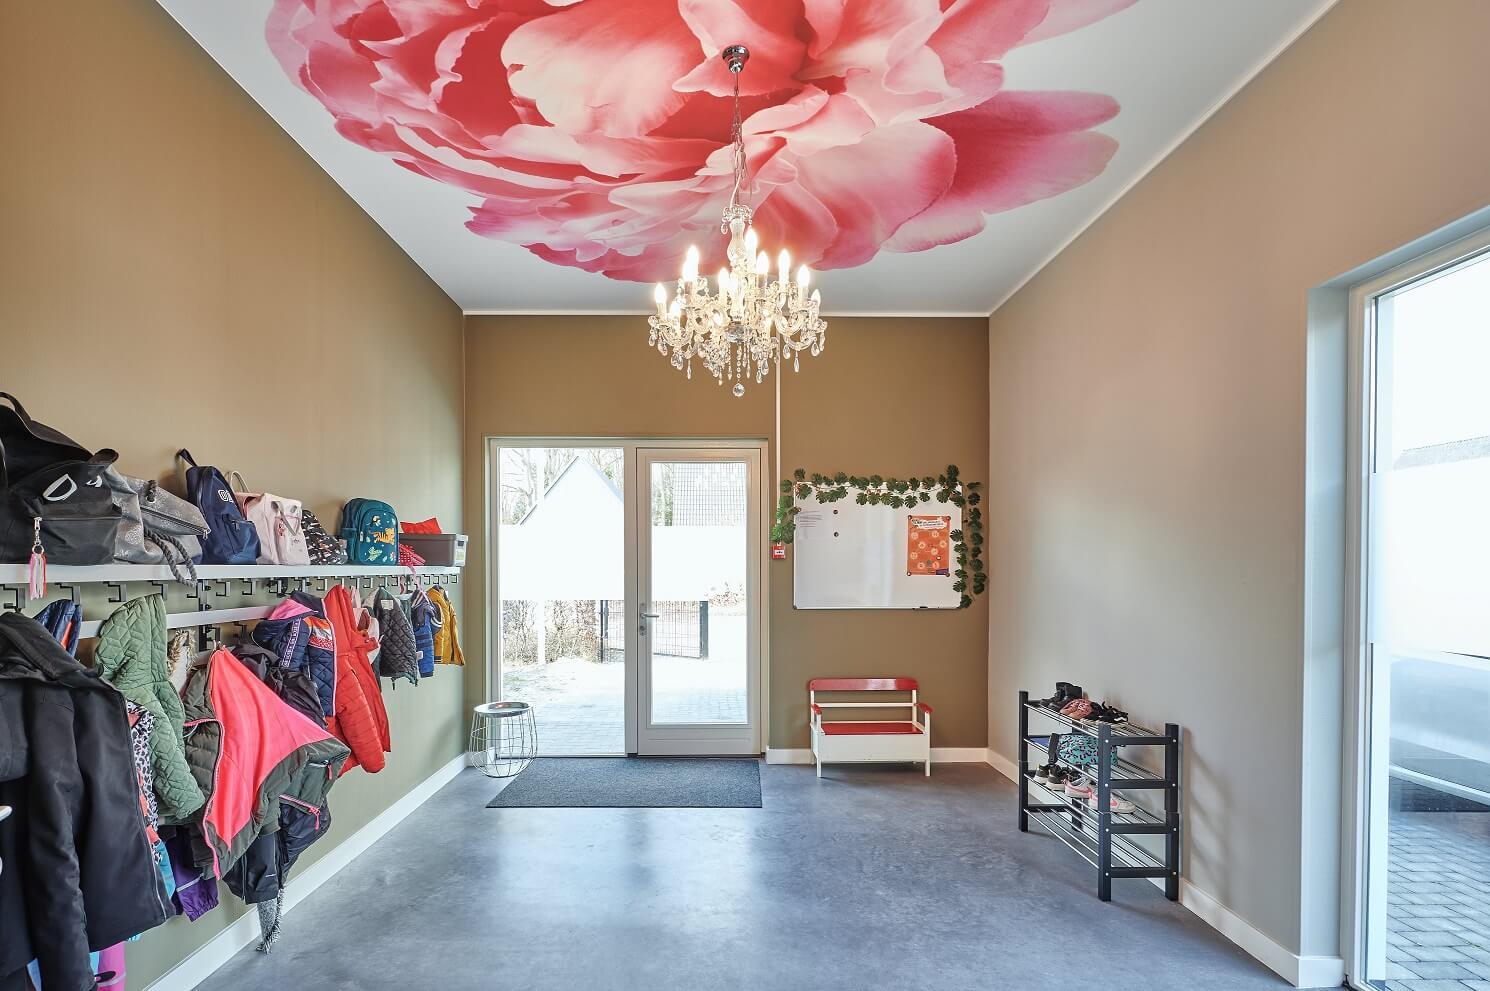 Fotoplafond met roze bloem